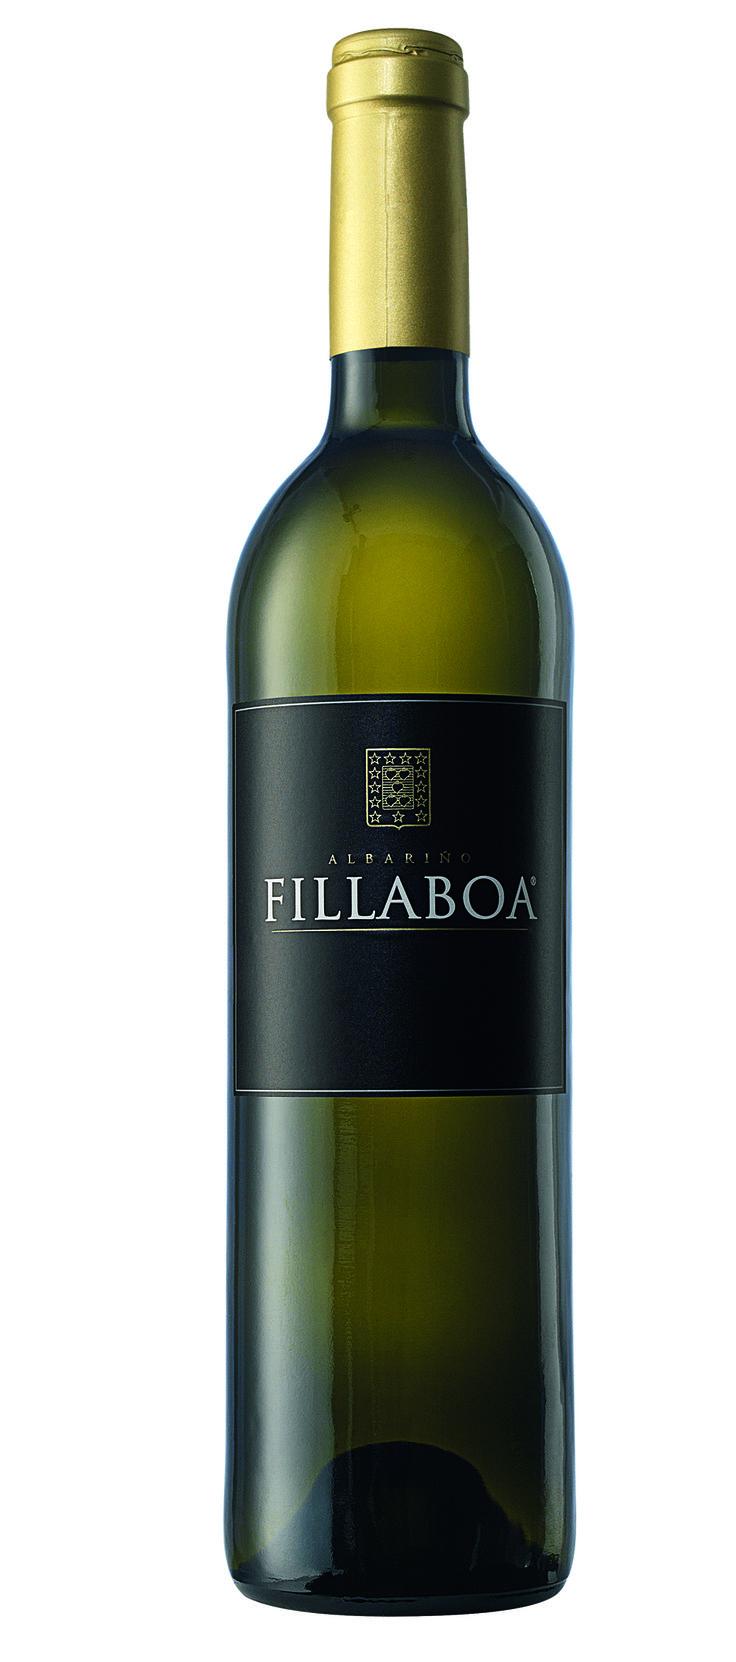 Albariño FILLABOA (Rías Baixas Galicia): su aire salino nos invita a sumergirnos en las profundidades del Atlántico. Cristalino y vibrante, el albariño de Fillaboa ofrece aromas intensos, mezcla del mar con las frutas tropicales, el azahar, los cítricos y la miel de flores.